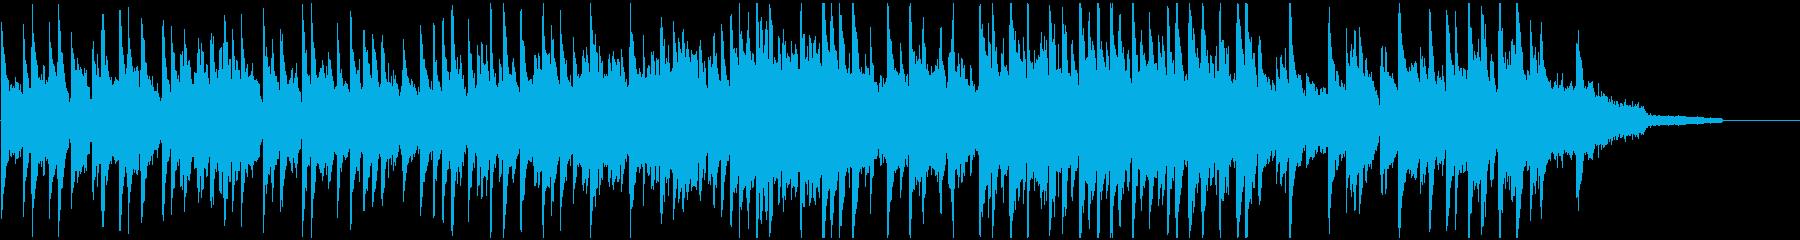 ストリングスとピアノの明るいOP短ドラ無の再生済みの波形